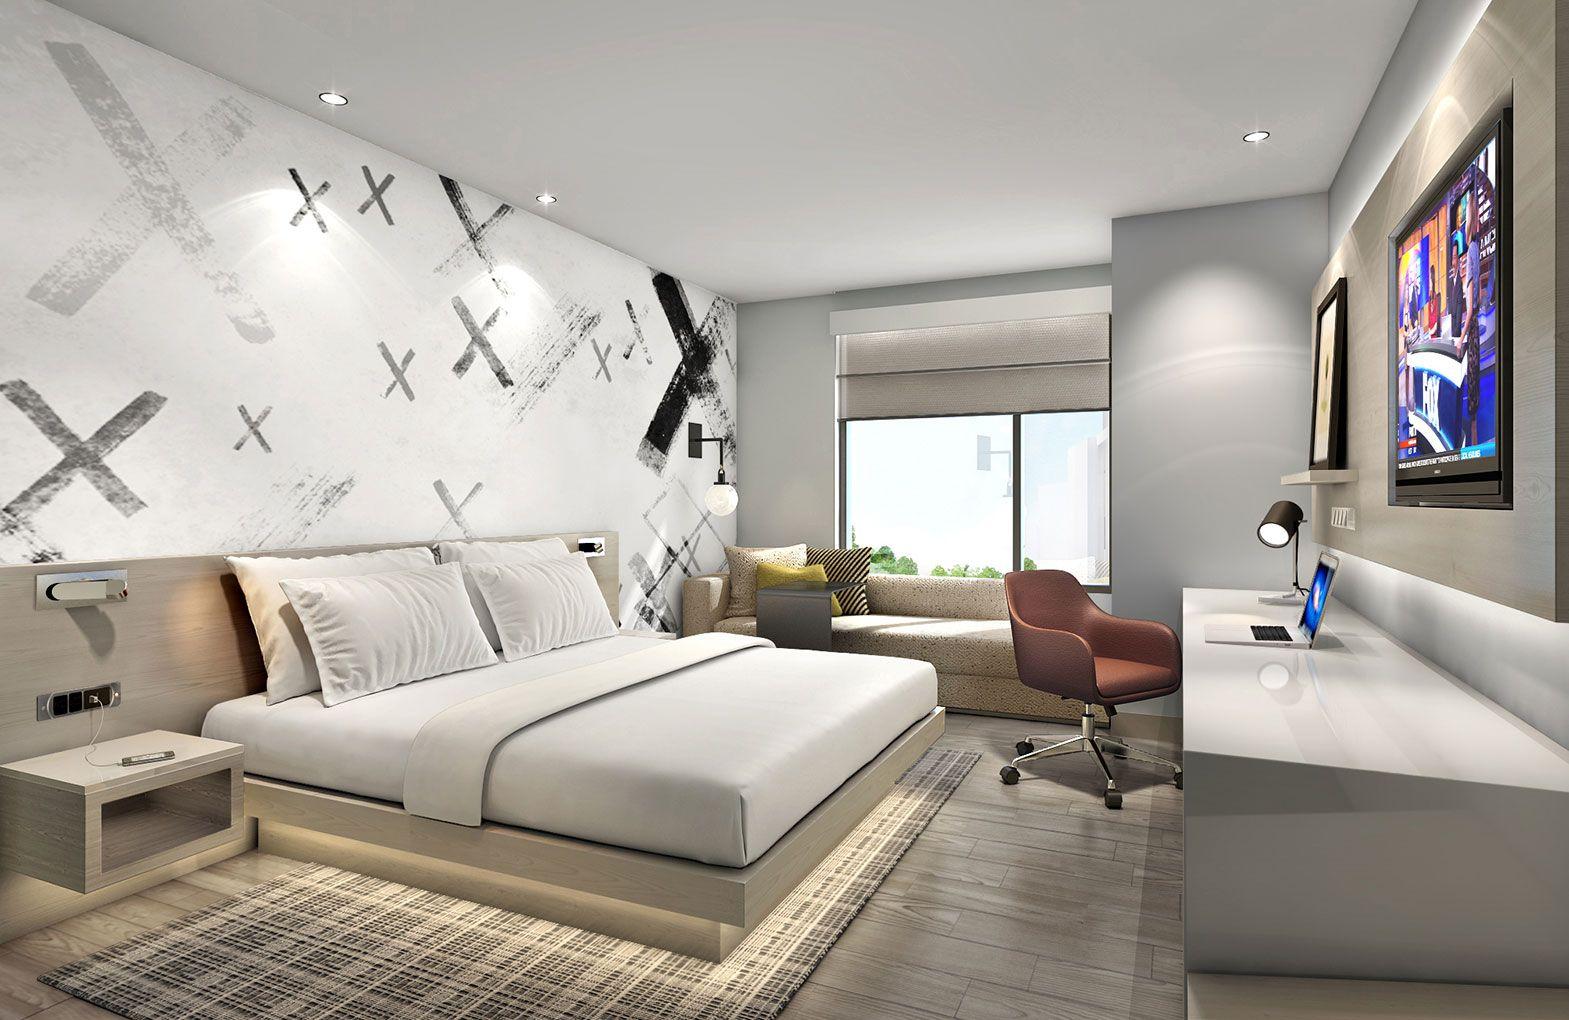 Cambria Hotel And Suites El Segundo Designed By Studio Hba Hotel Bedroom Design Hotel Room Design Hotel Interiors